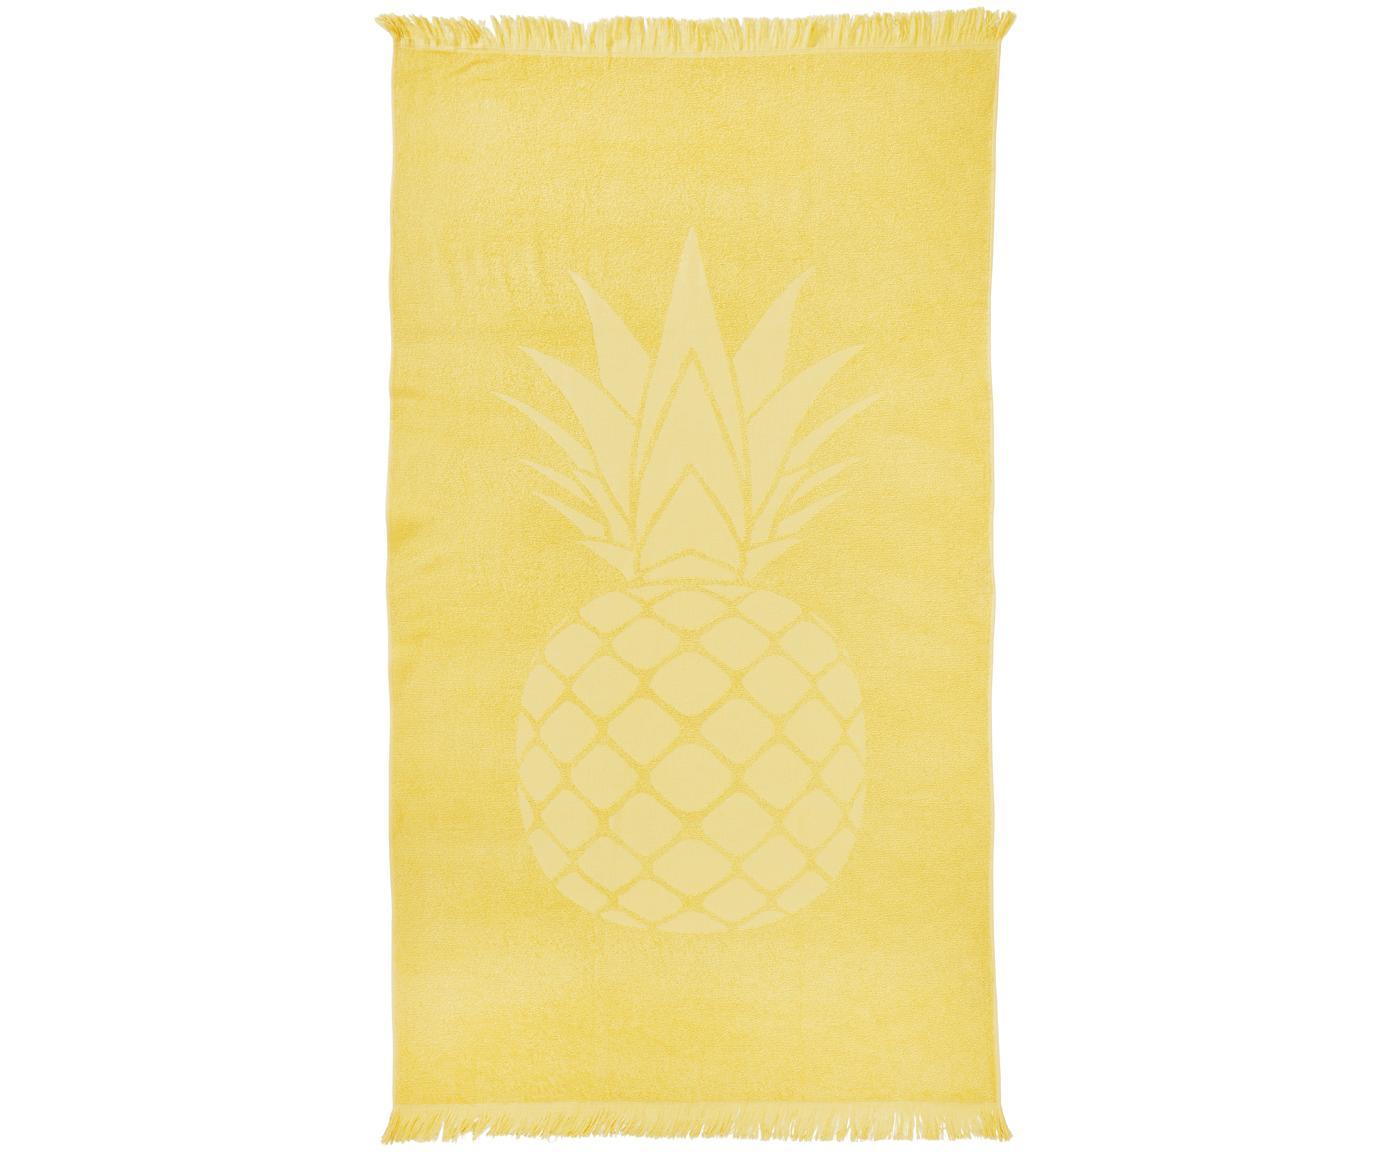 Hamamdoek Capri Pineapple, Katoen, lichte kwaliteit, 300 g/m², Geel, 90 x 160 cm